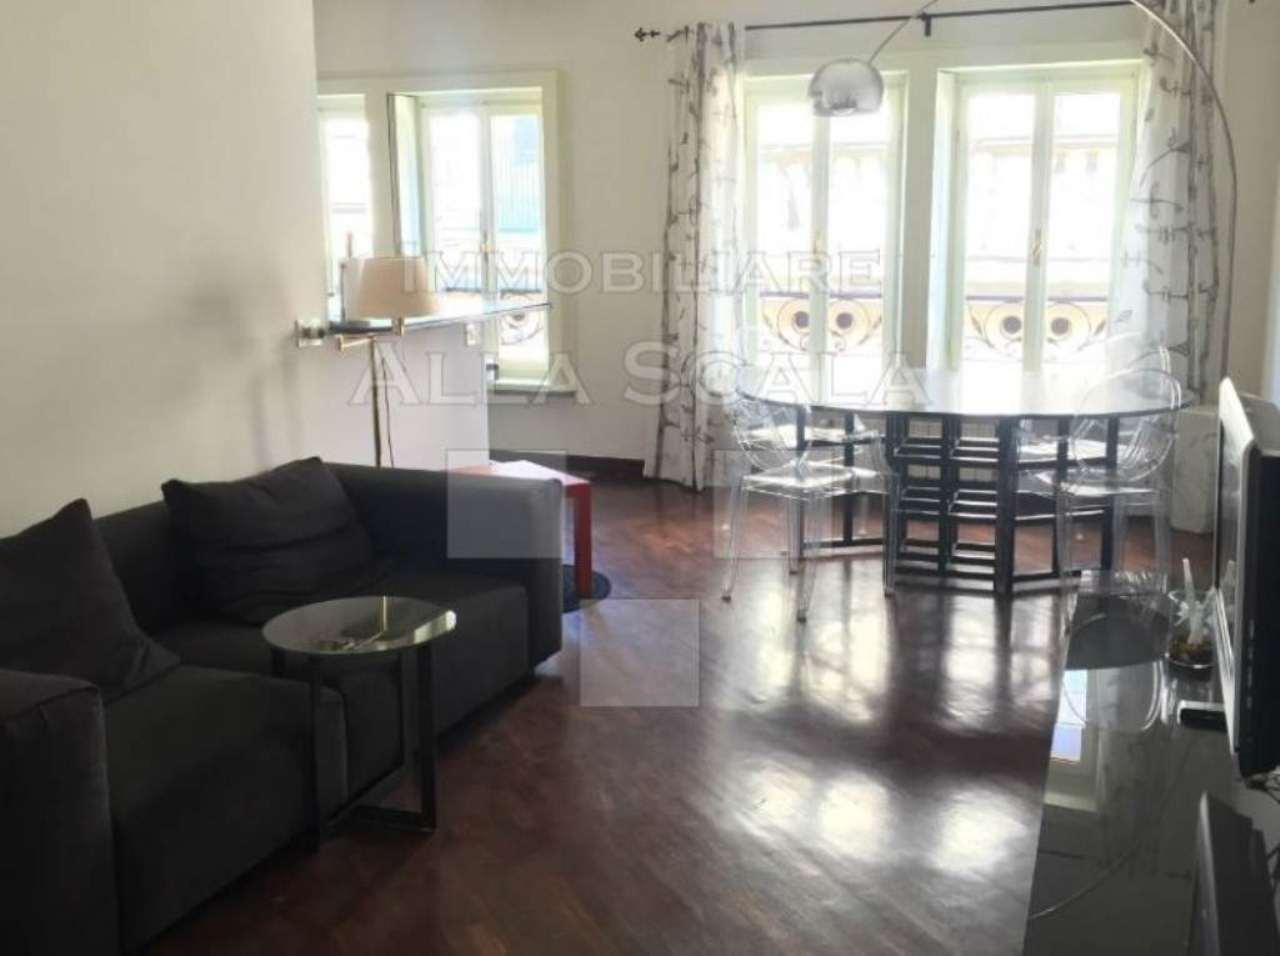 Appartamento in affitto a milano via torino for Appartamento design affitto milano